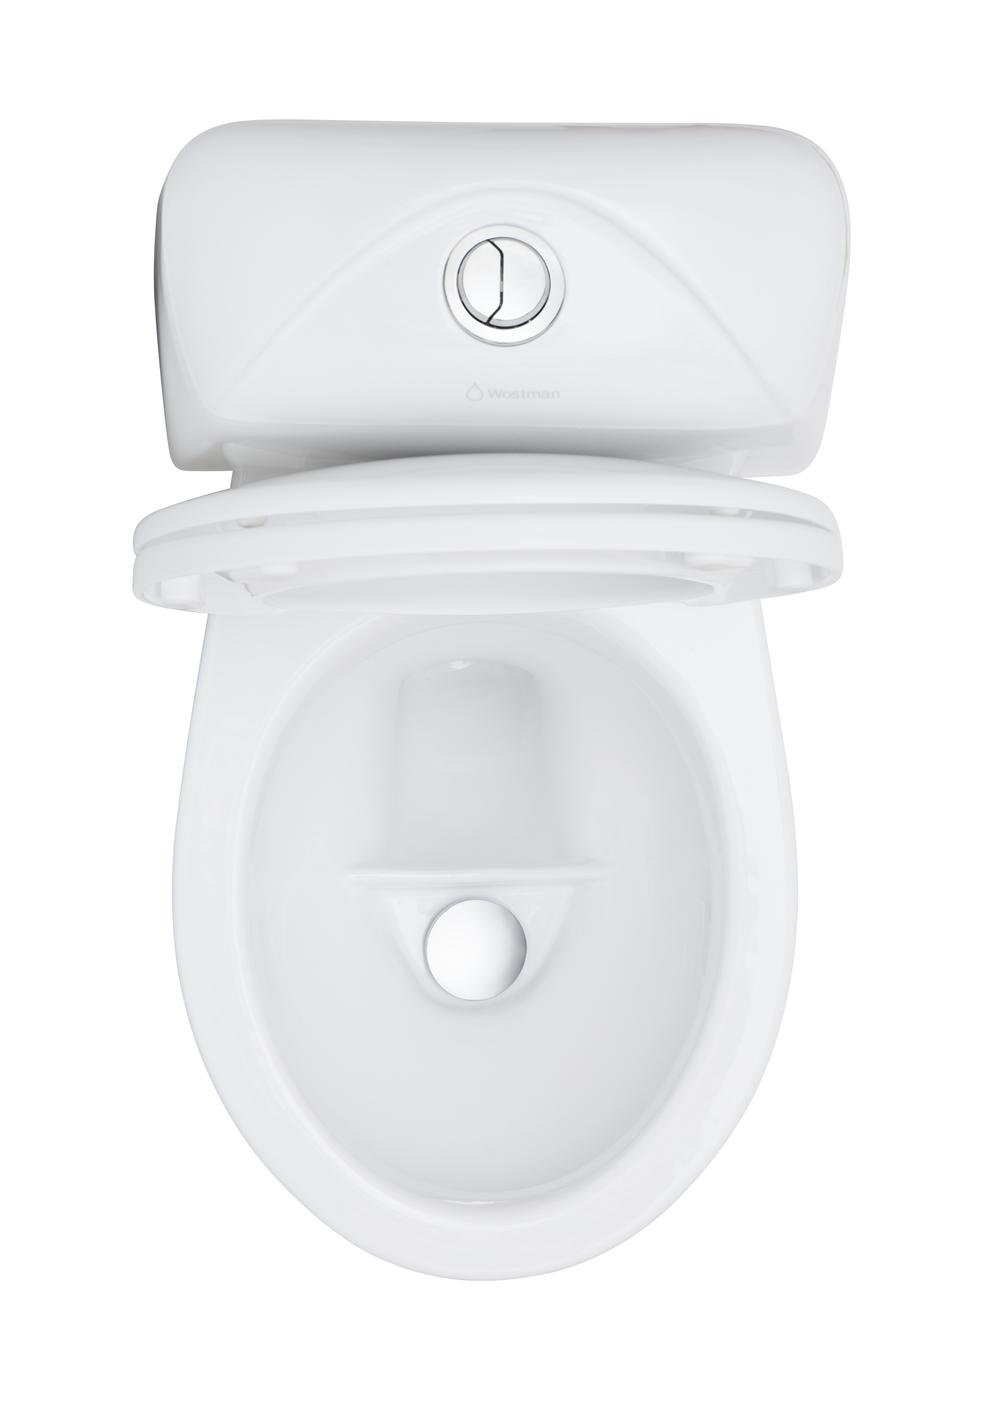 EcoFlush urinsorterande vattentoalett. - EcoFlush urinsorterande vattentoalett. Dubbelspolande 2,5 l och 0,3 l. Lilla spolningen